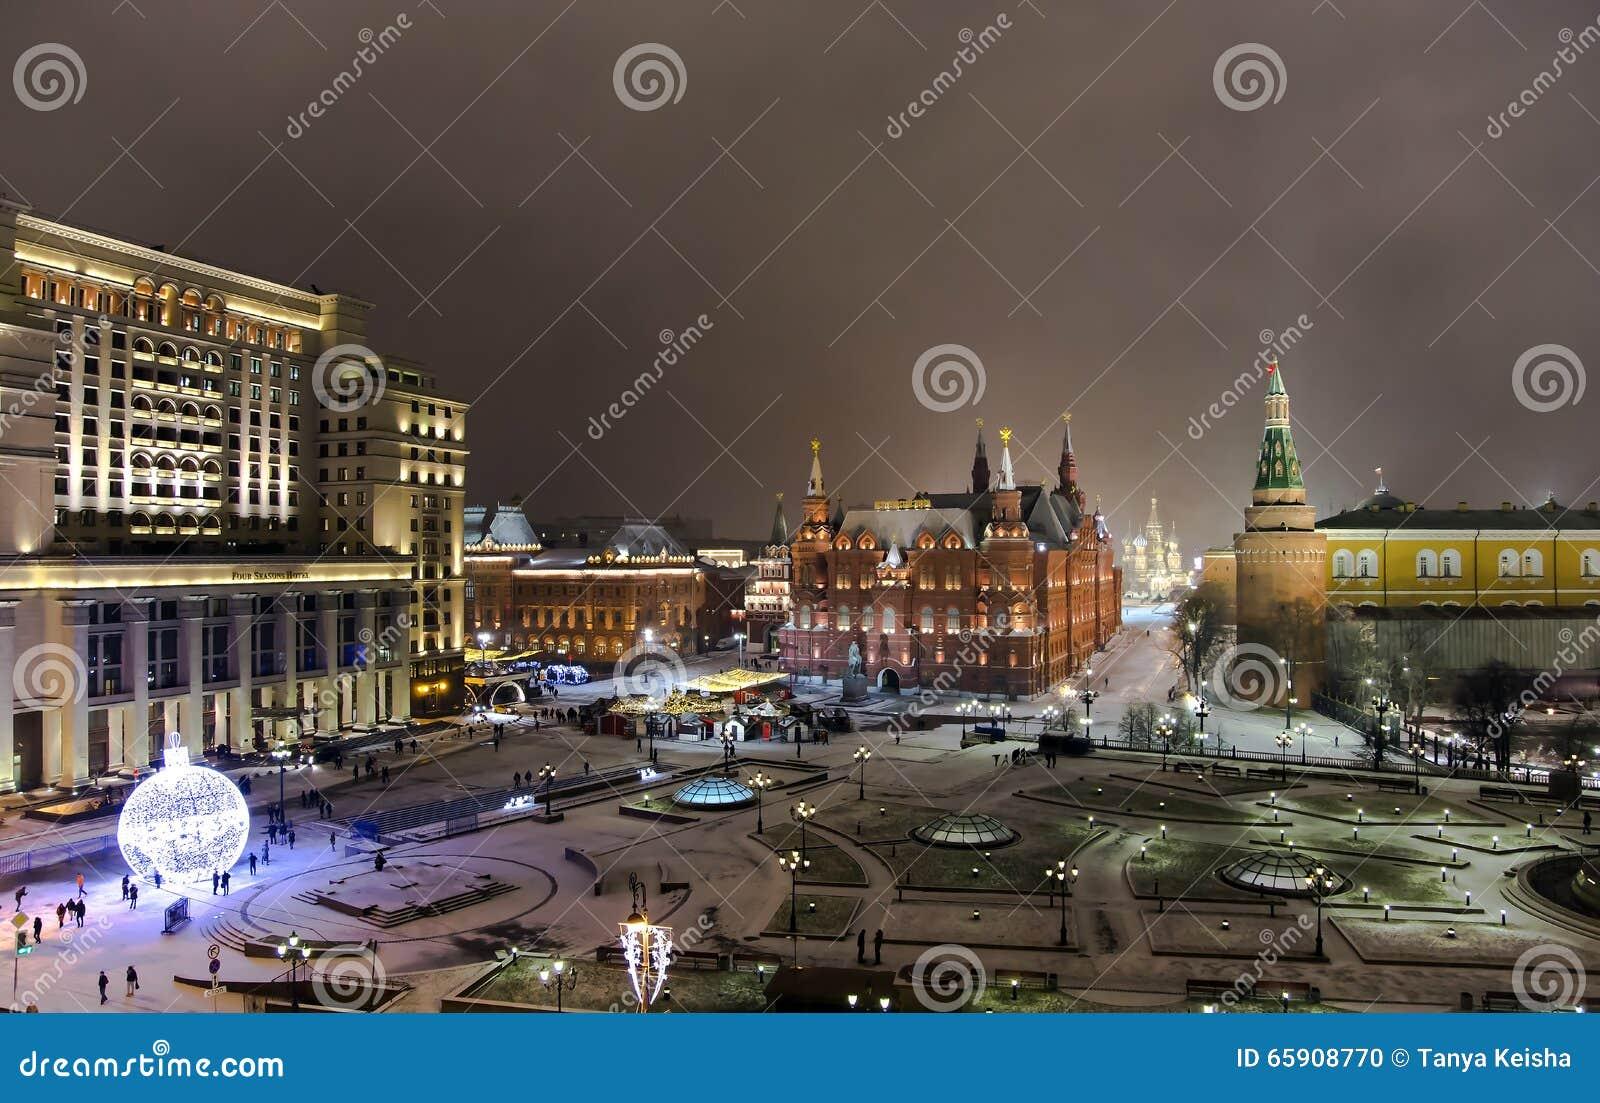 Nachtpanorama des Zustands-historischen Museums und der Kathedrale von Vasiliy himmlisch